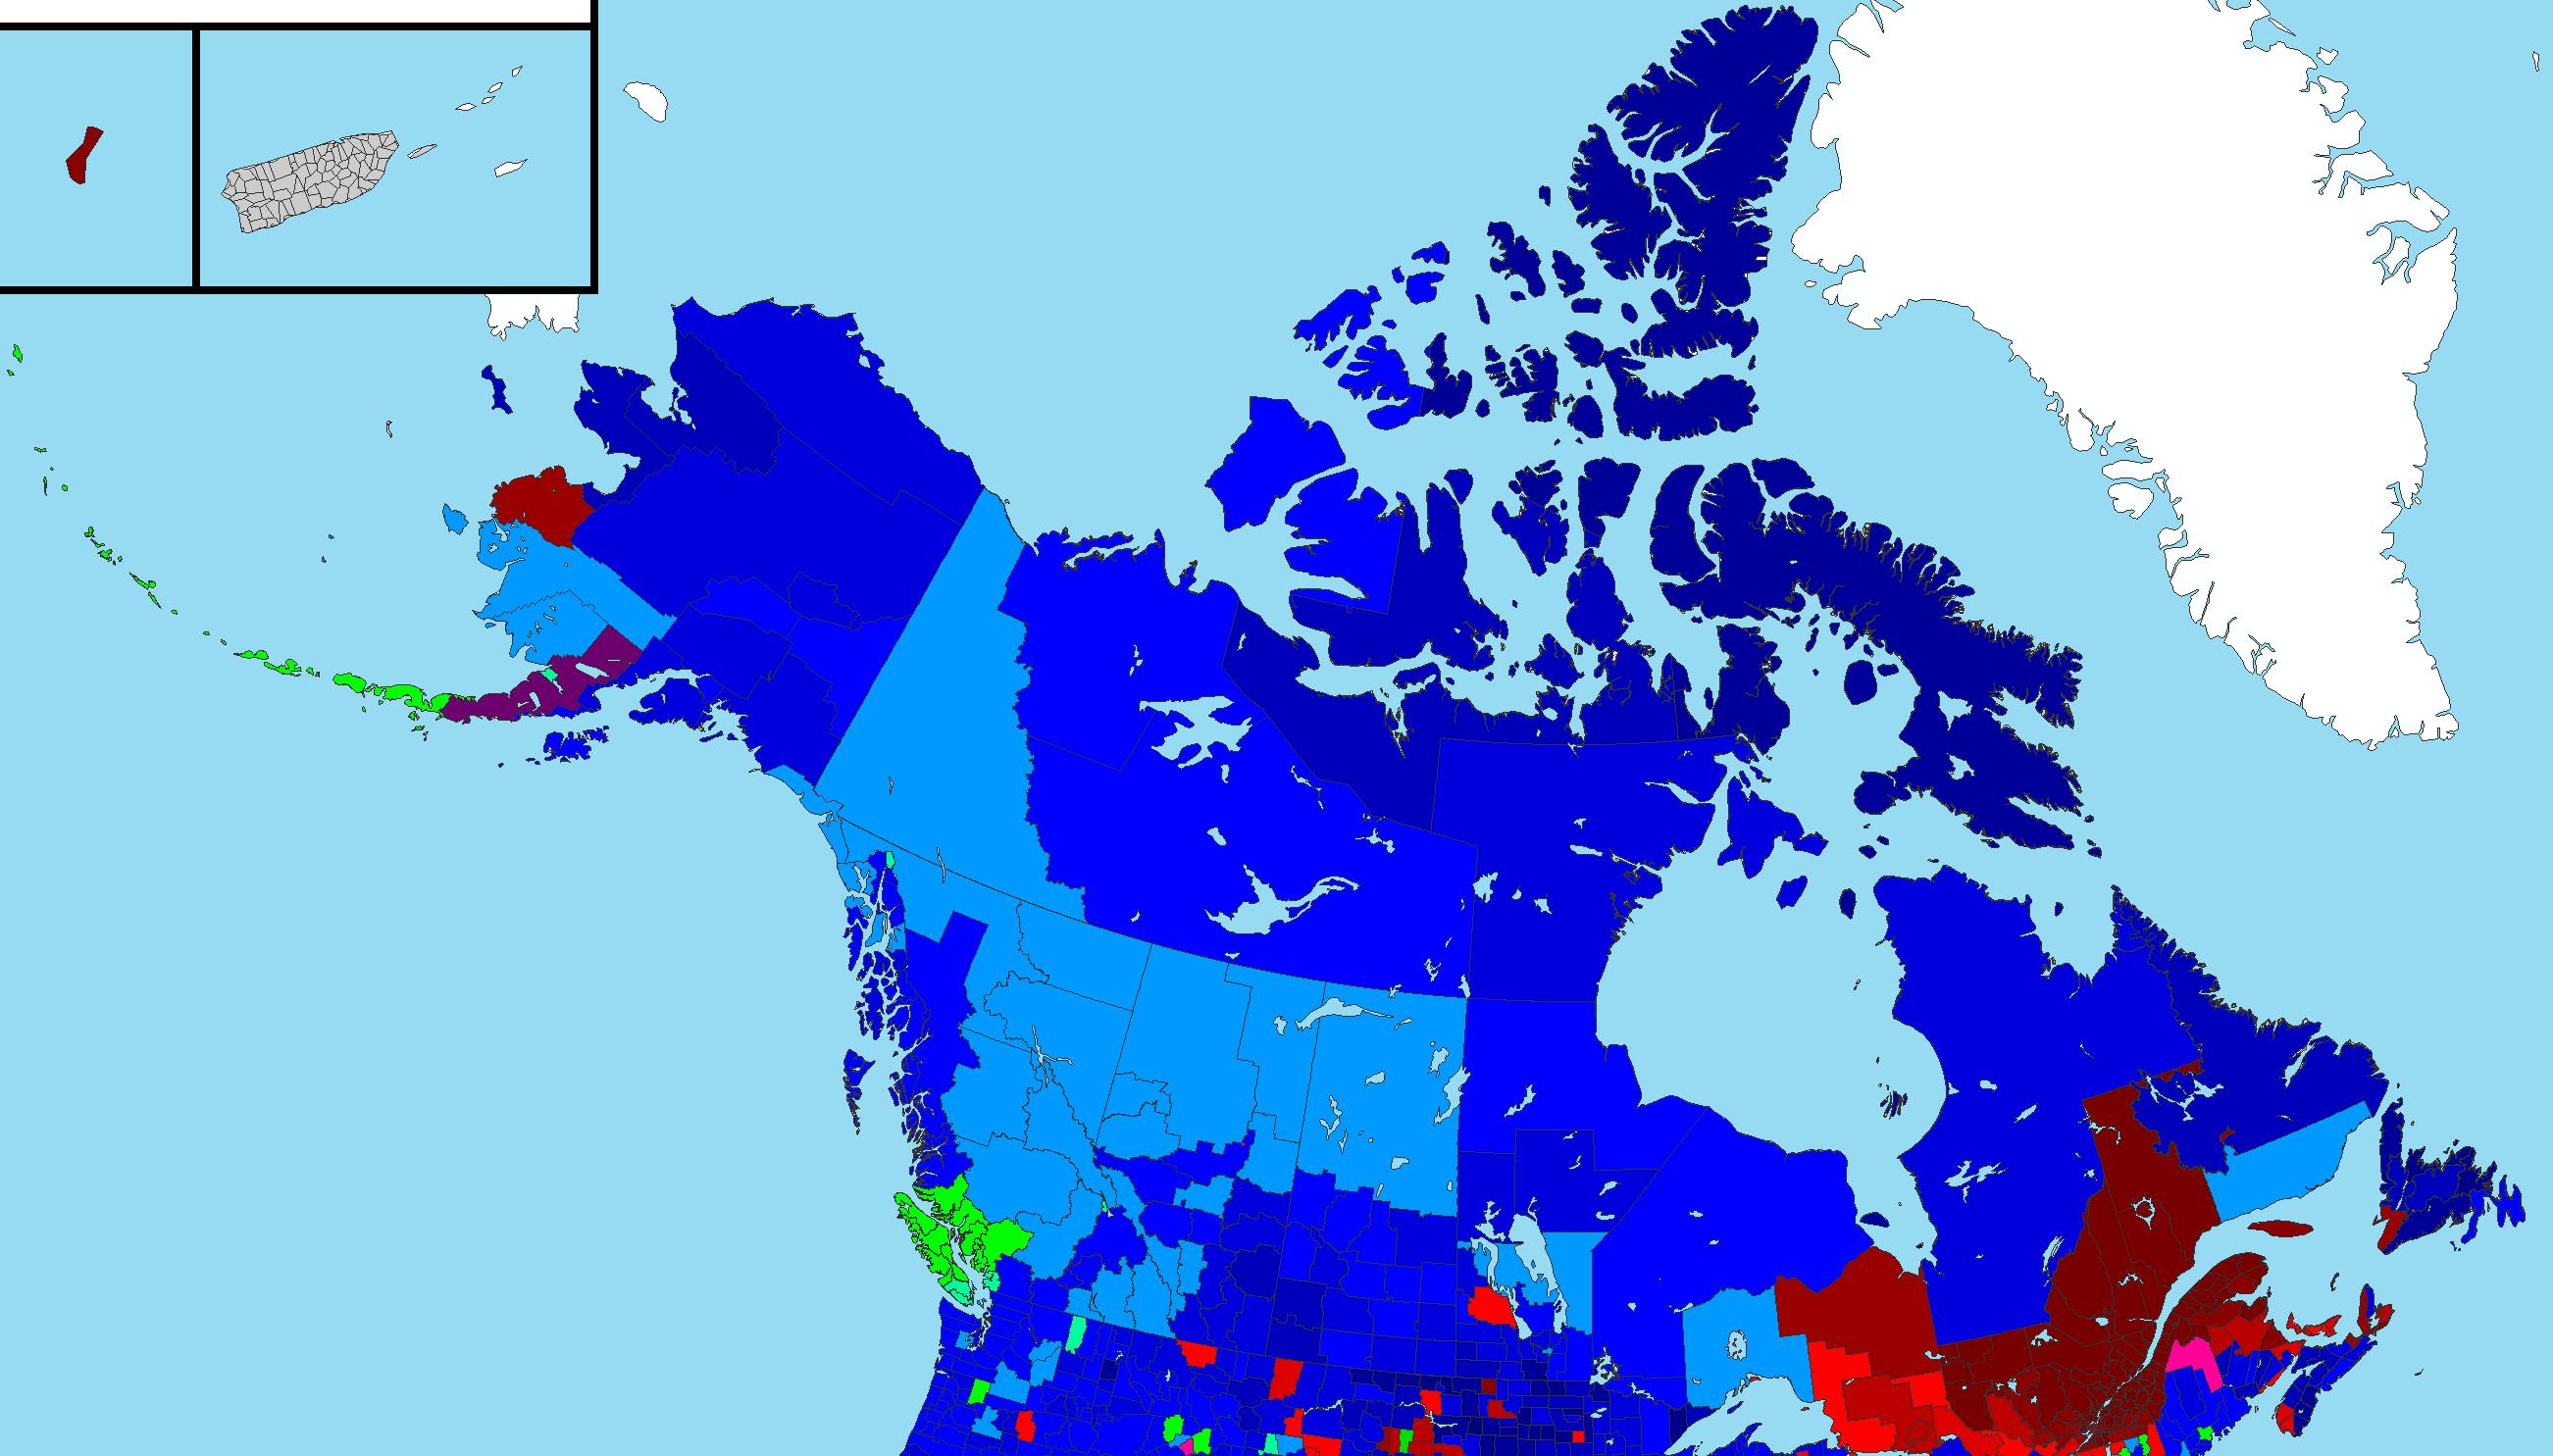 Canada Religion Map File:Religion in Canada.png   Wikipedia